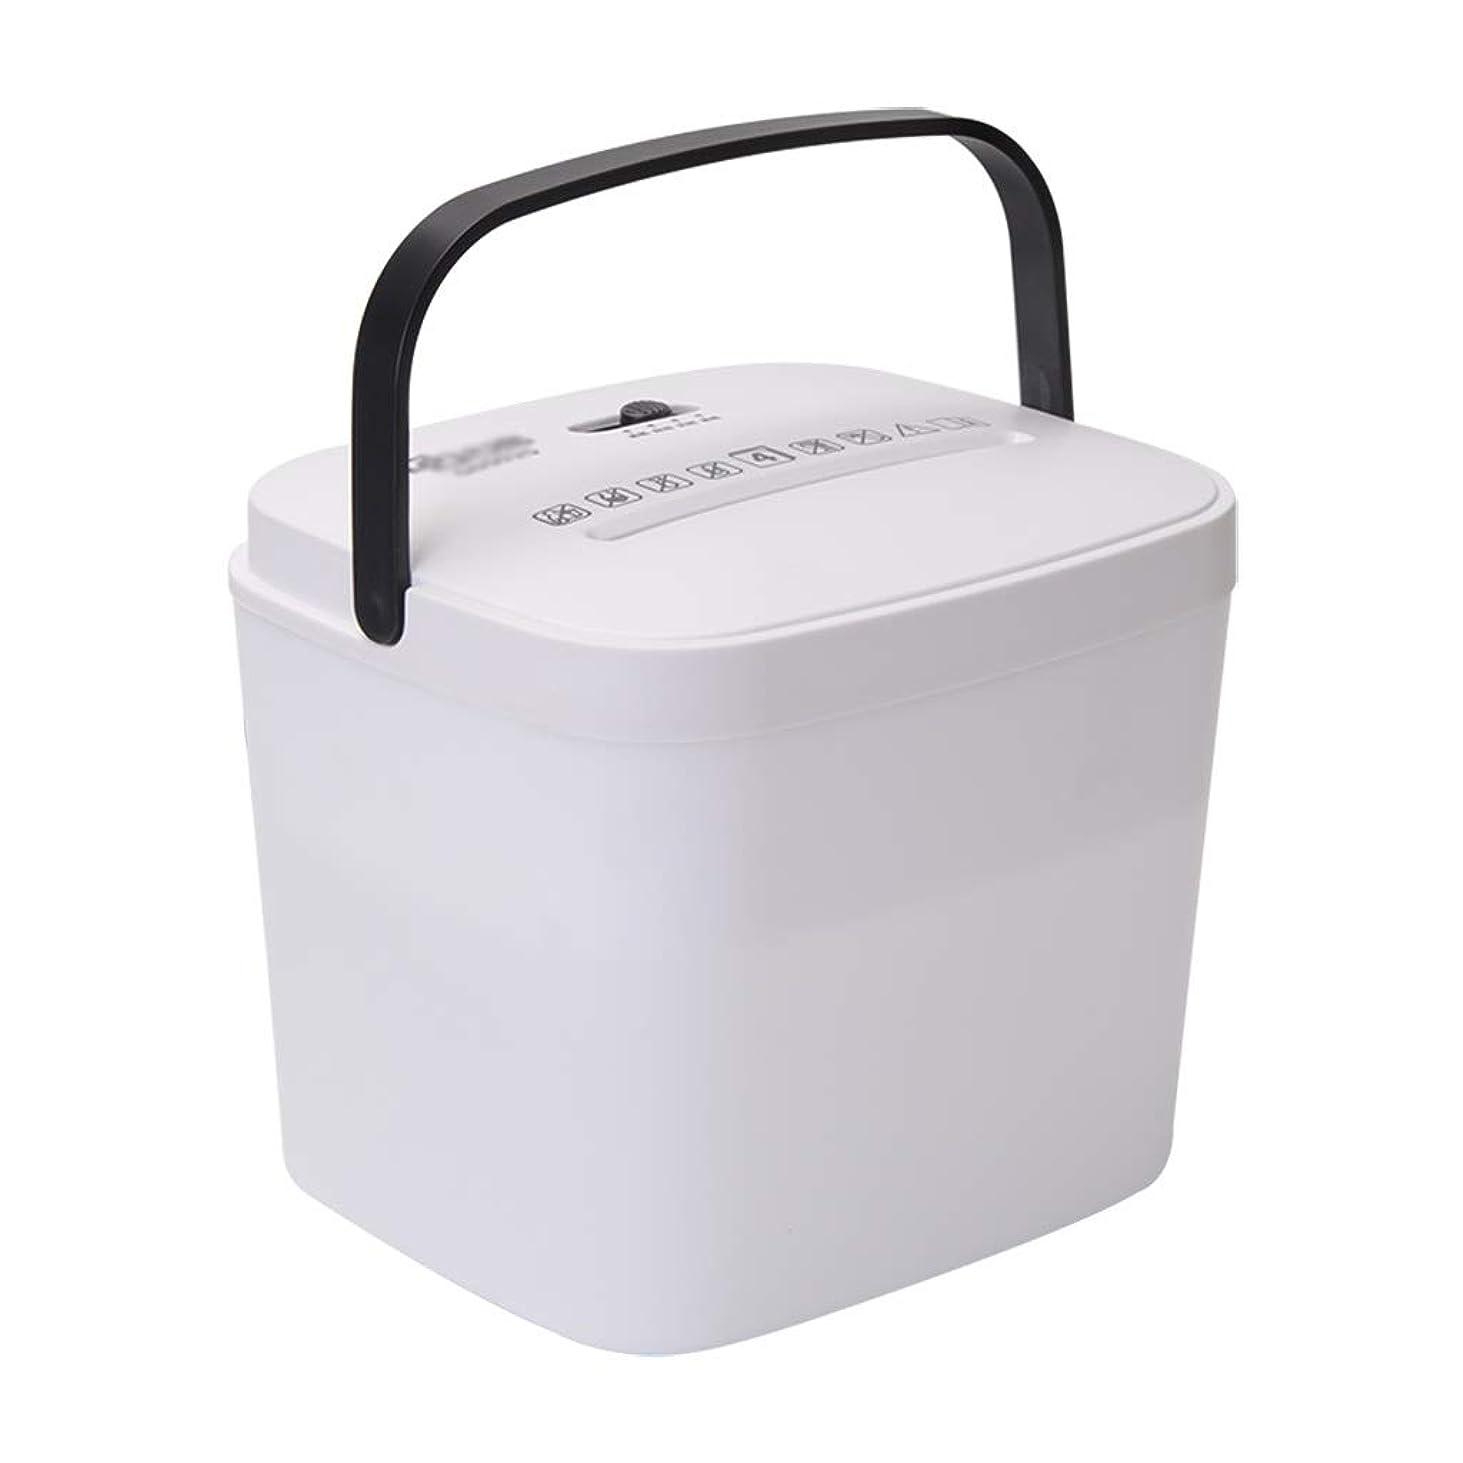 干渉するタンク編集する小さな家庭紙シュレッダー、商用ハイパワーファイルシュレッダー、ギフトボックスフィラーペーパーシュレッダー、ホワイト (Size : 220*175*175mm)